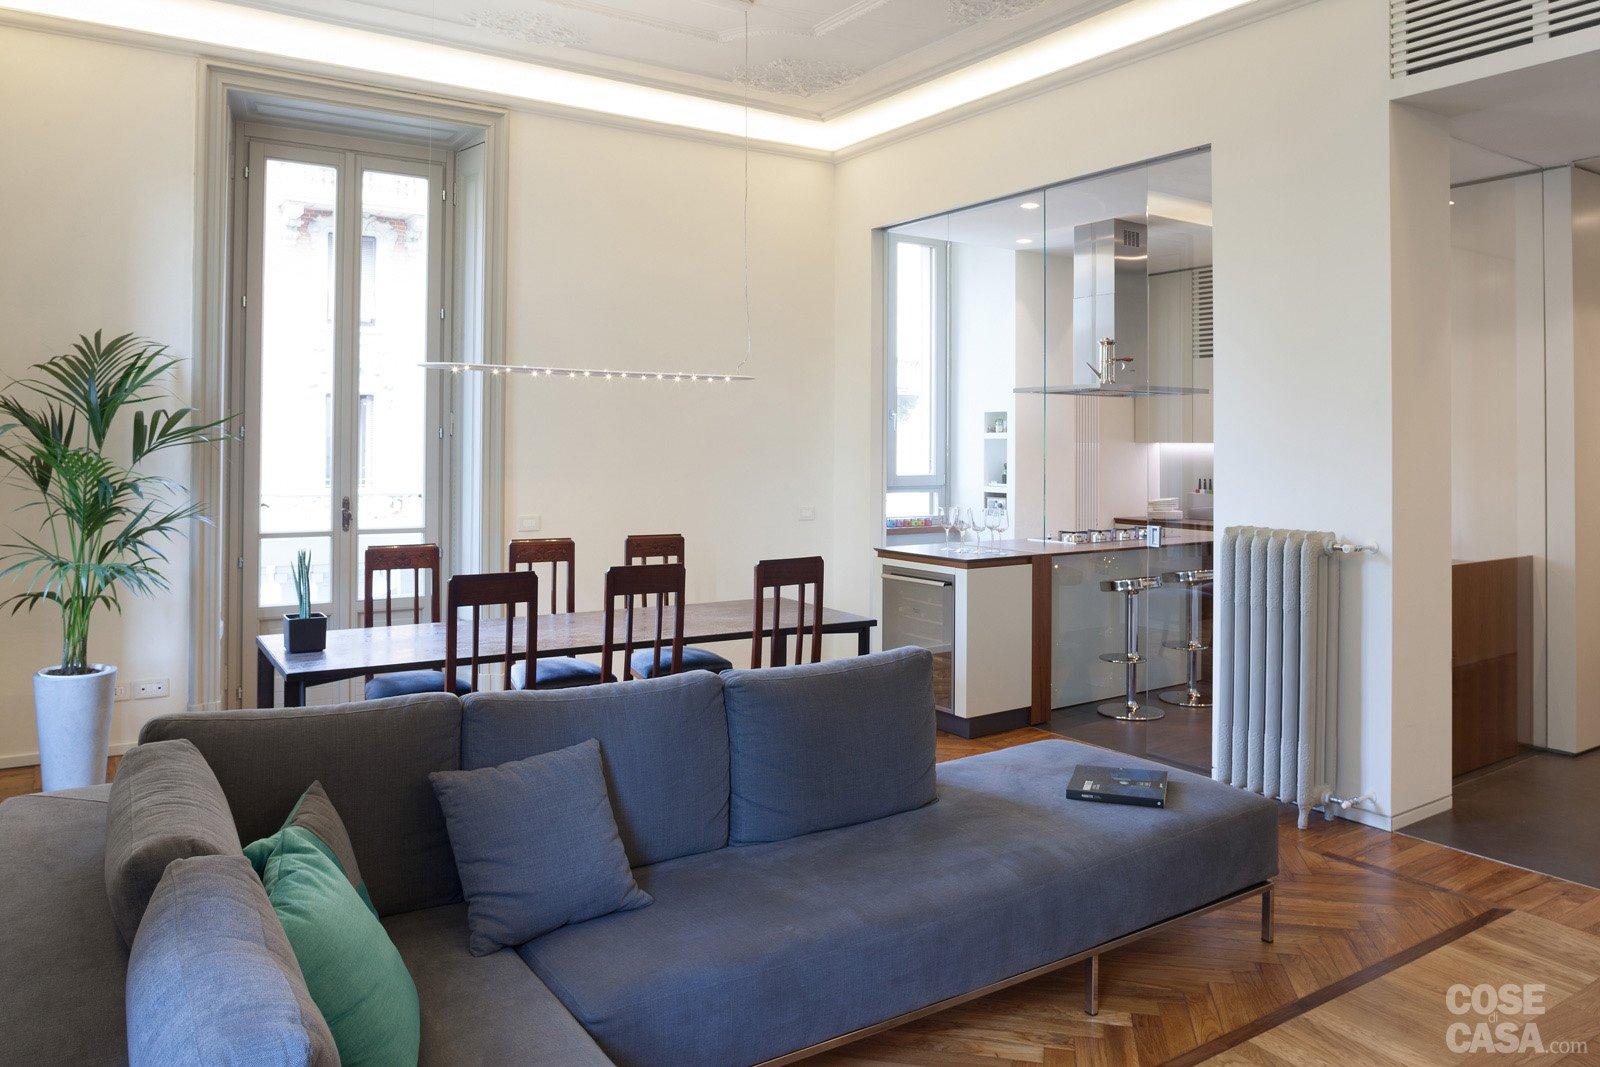 108 mq con nuove divisioni cose di casa for Creare mobili